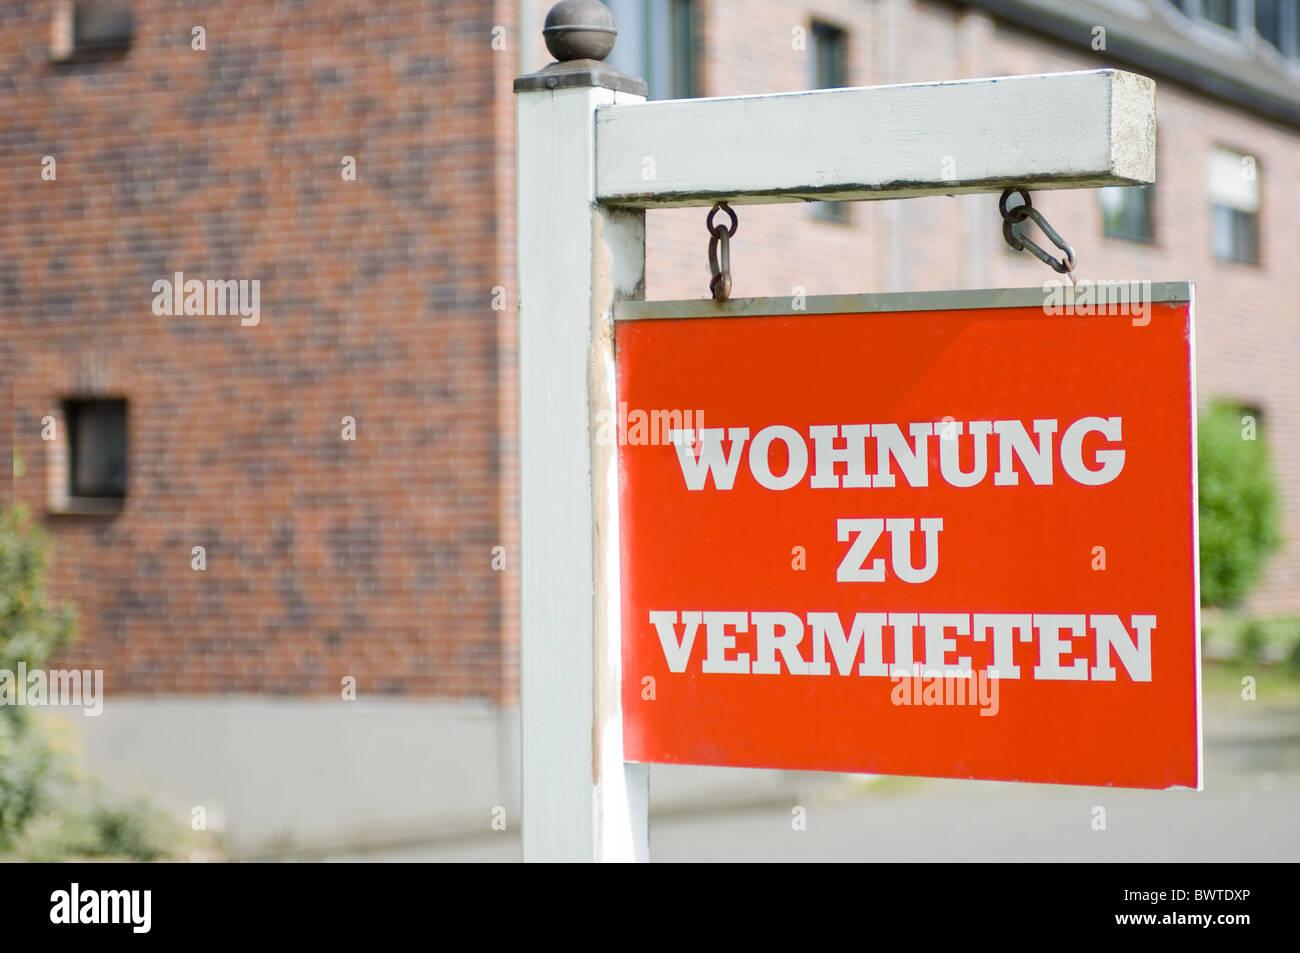 Wohnung zu vermieten Stock Photo Royalty Free Image